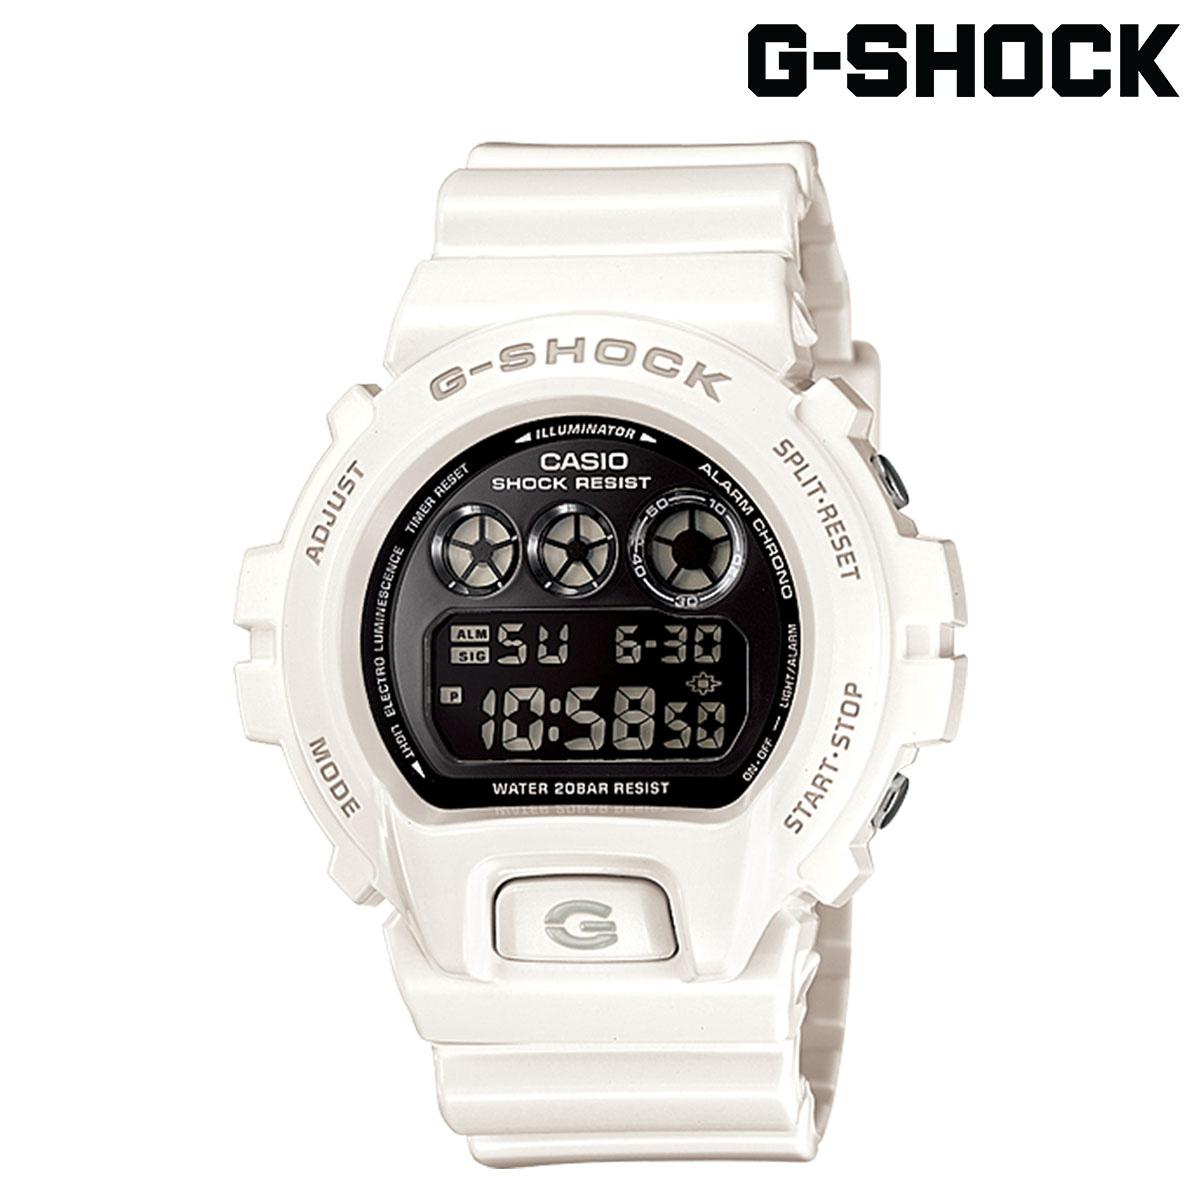 カシオ CASIO G-SHOCK 腕時計 DW-6900NB-7JF METALLIC COLORS ジーショック Gショック G-ショック ホワイト メンズ レディース